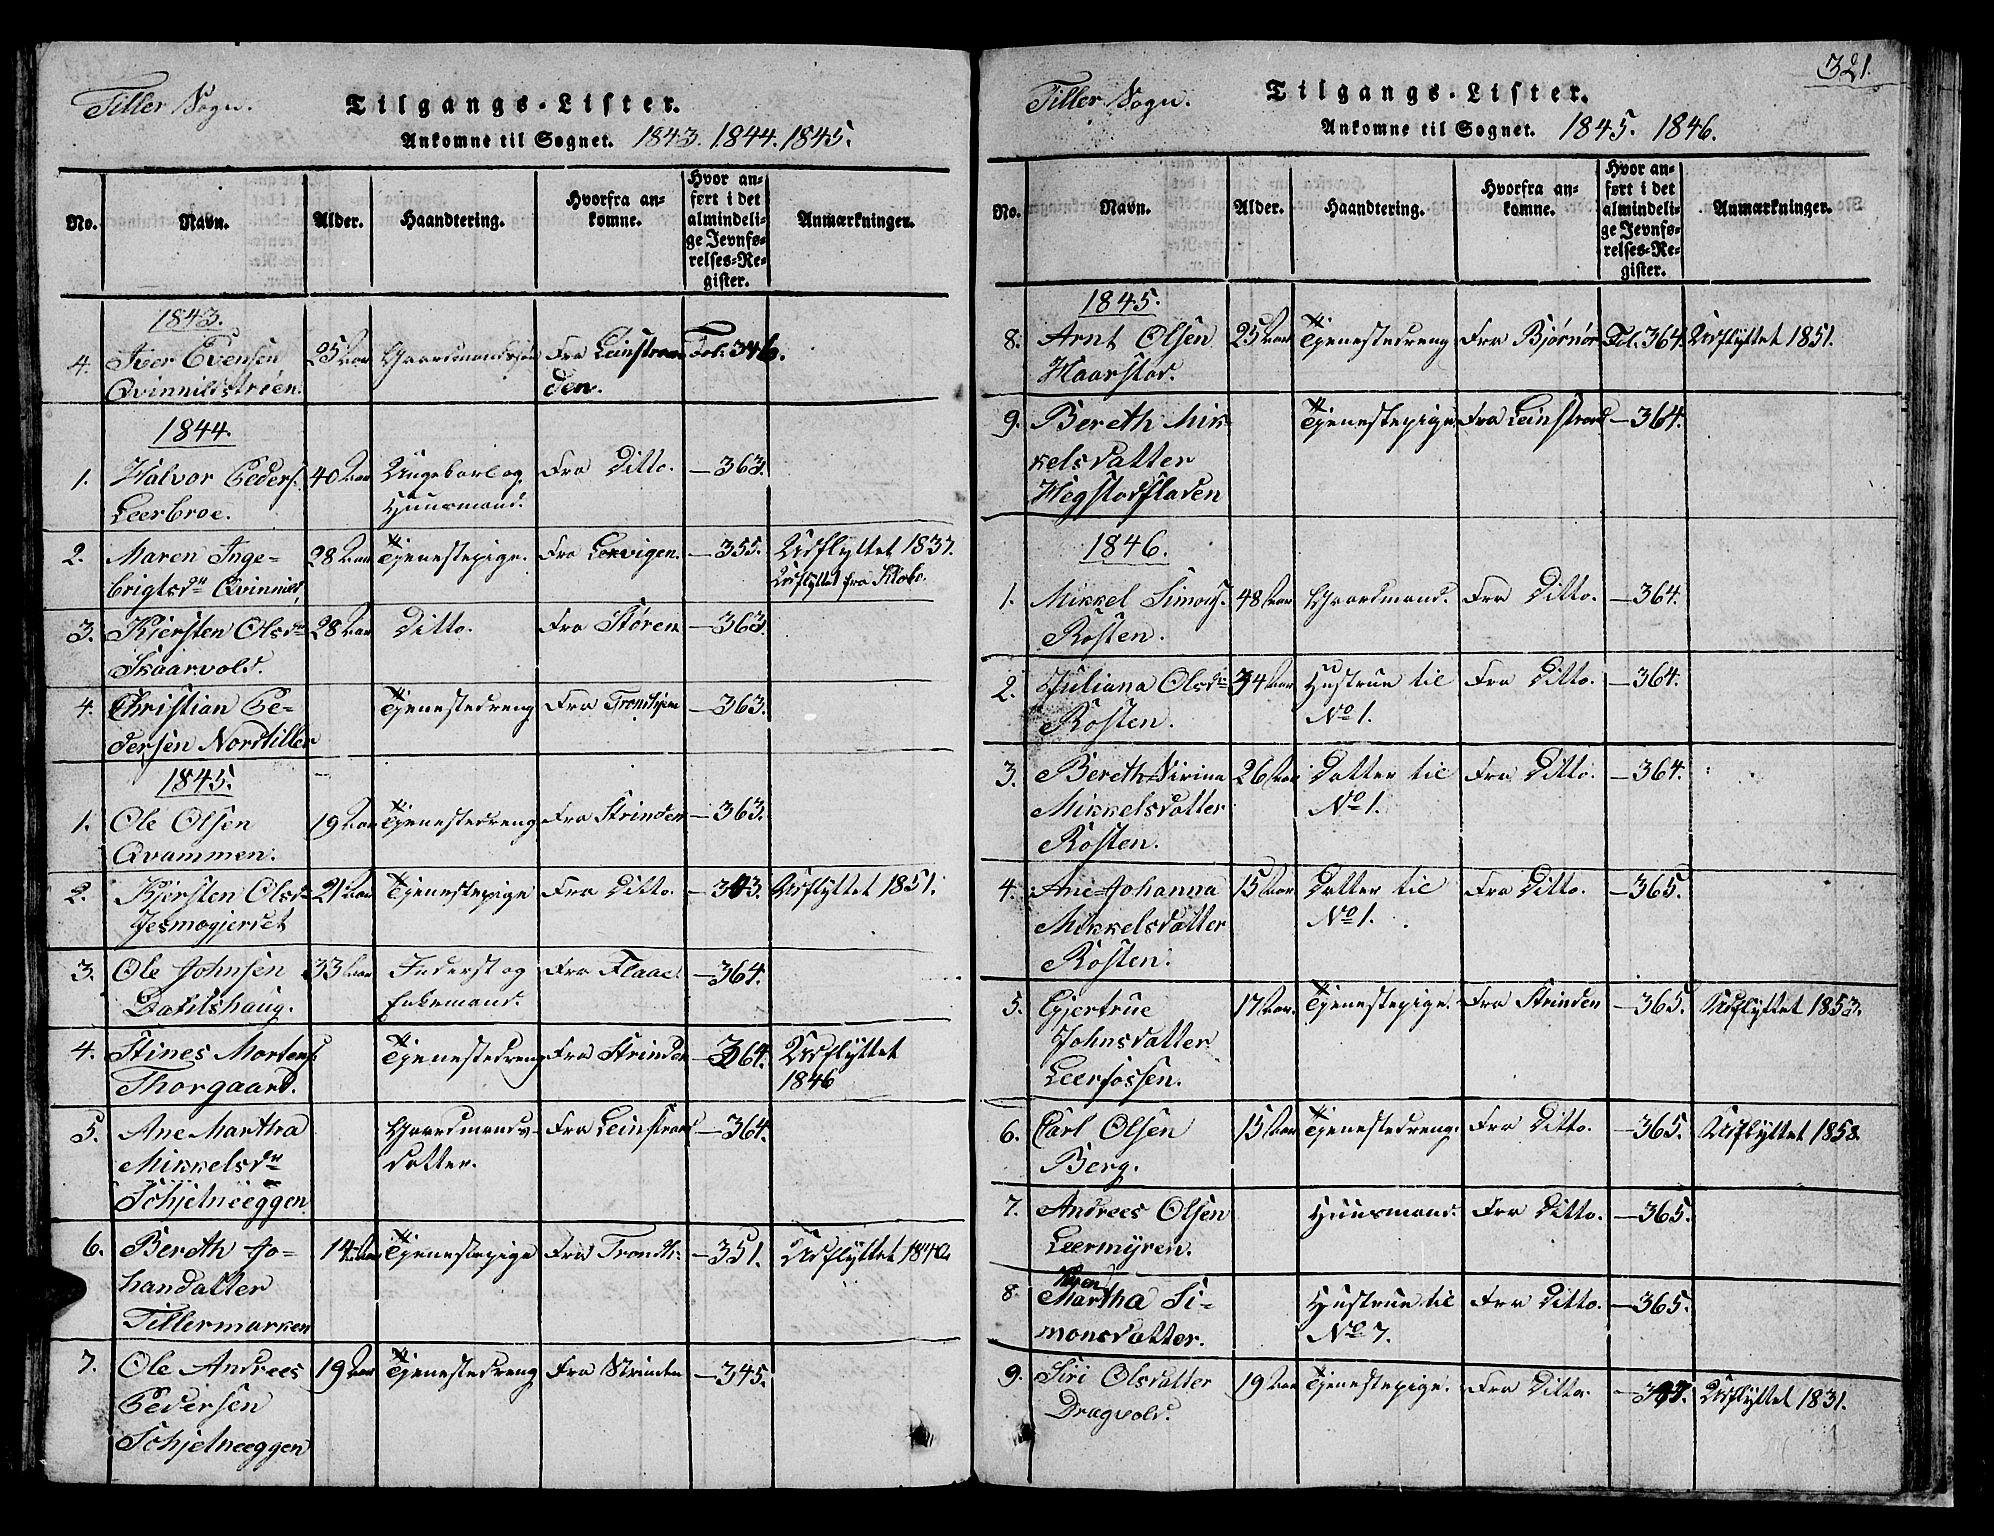 SAT, Ministerialprotokoller, klokkerbøker og fødselsregistre - Sør-Trøndelag, 621/L0458: Klokkerbok nr. 621C01, 1816-1865, s. 321